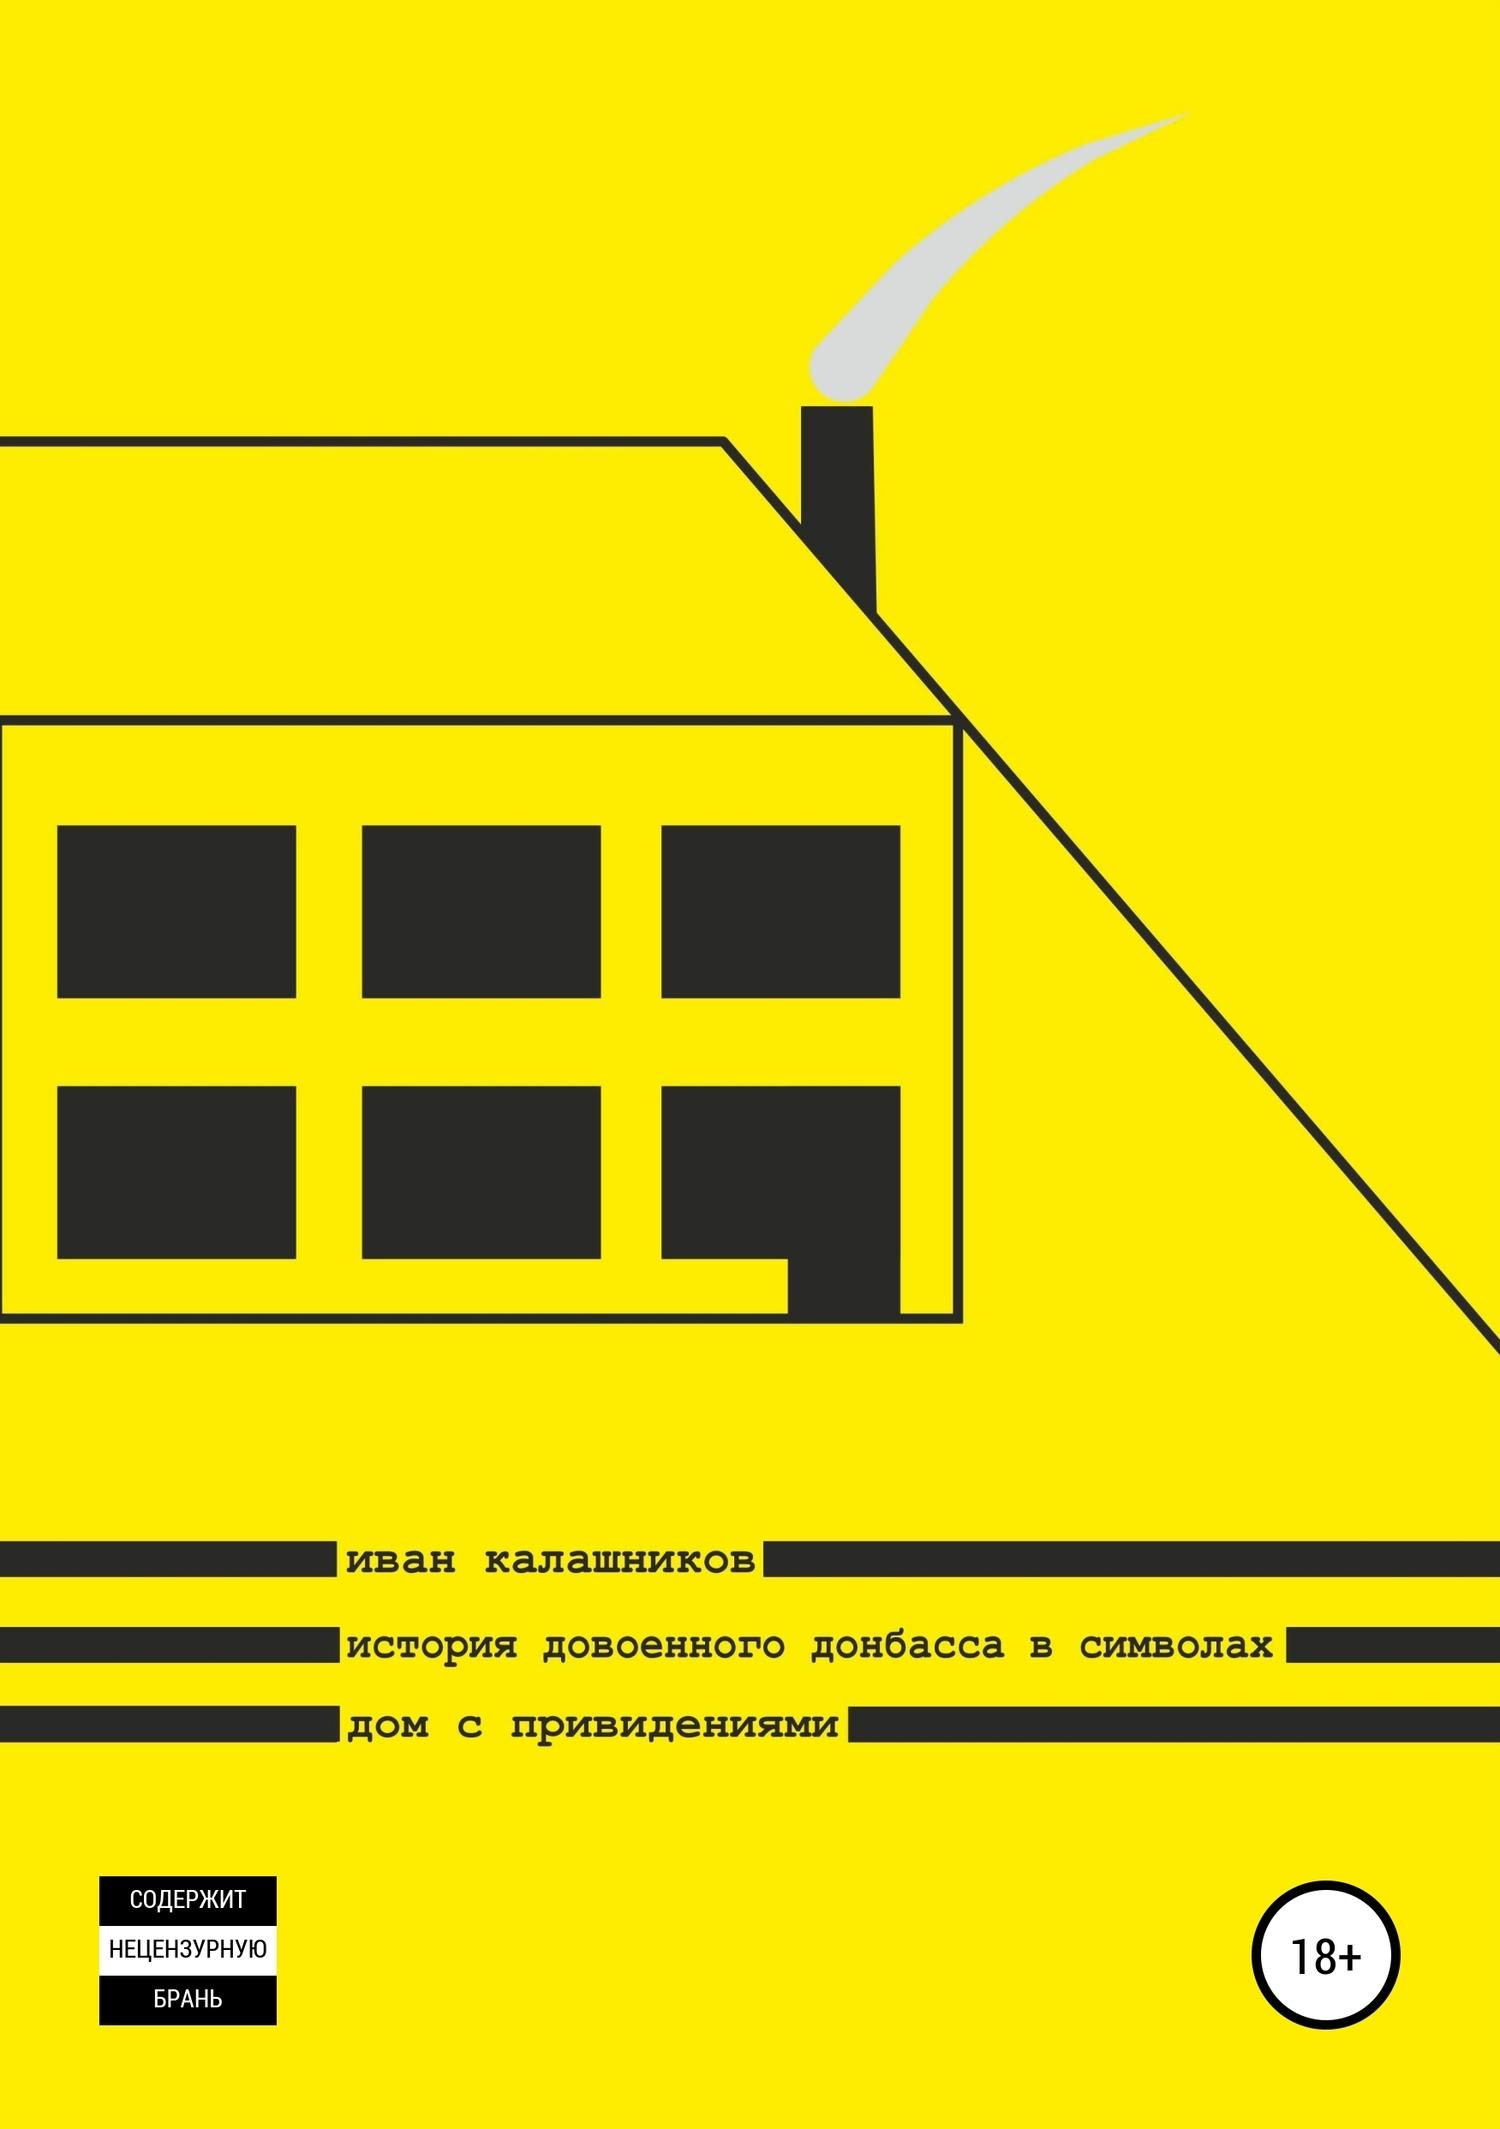 История довоенного Донбасса в символах. Дом с привидениями